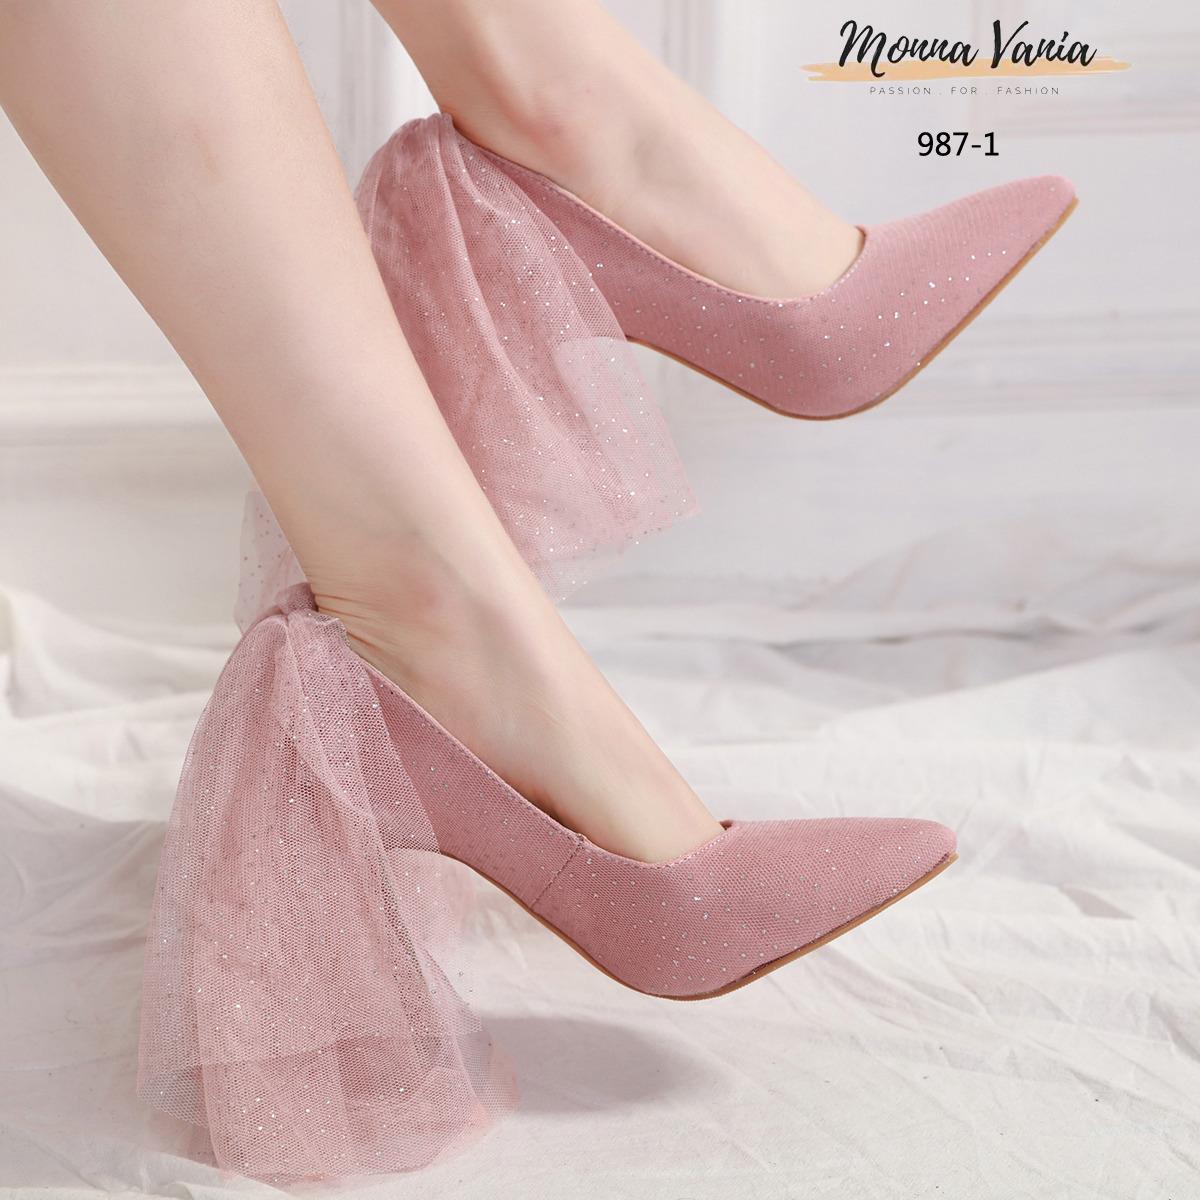 sepatu wanita import 2020987-1A1 sepatu murah batam,sepatu murah di batam,sepatu murah shopee